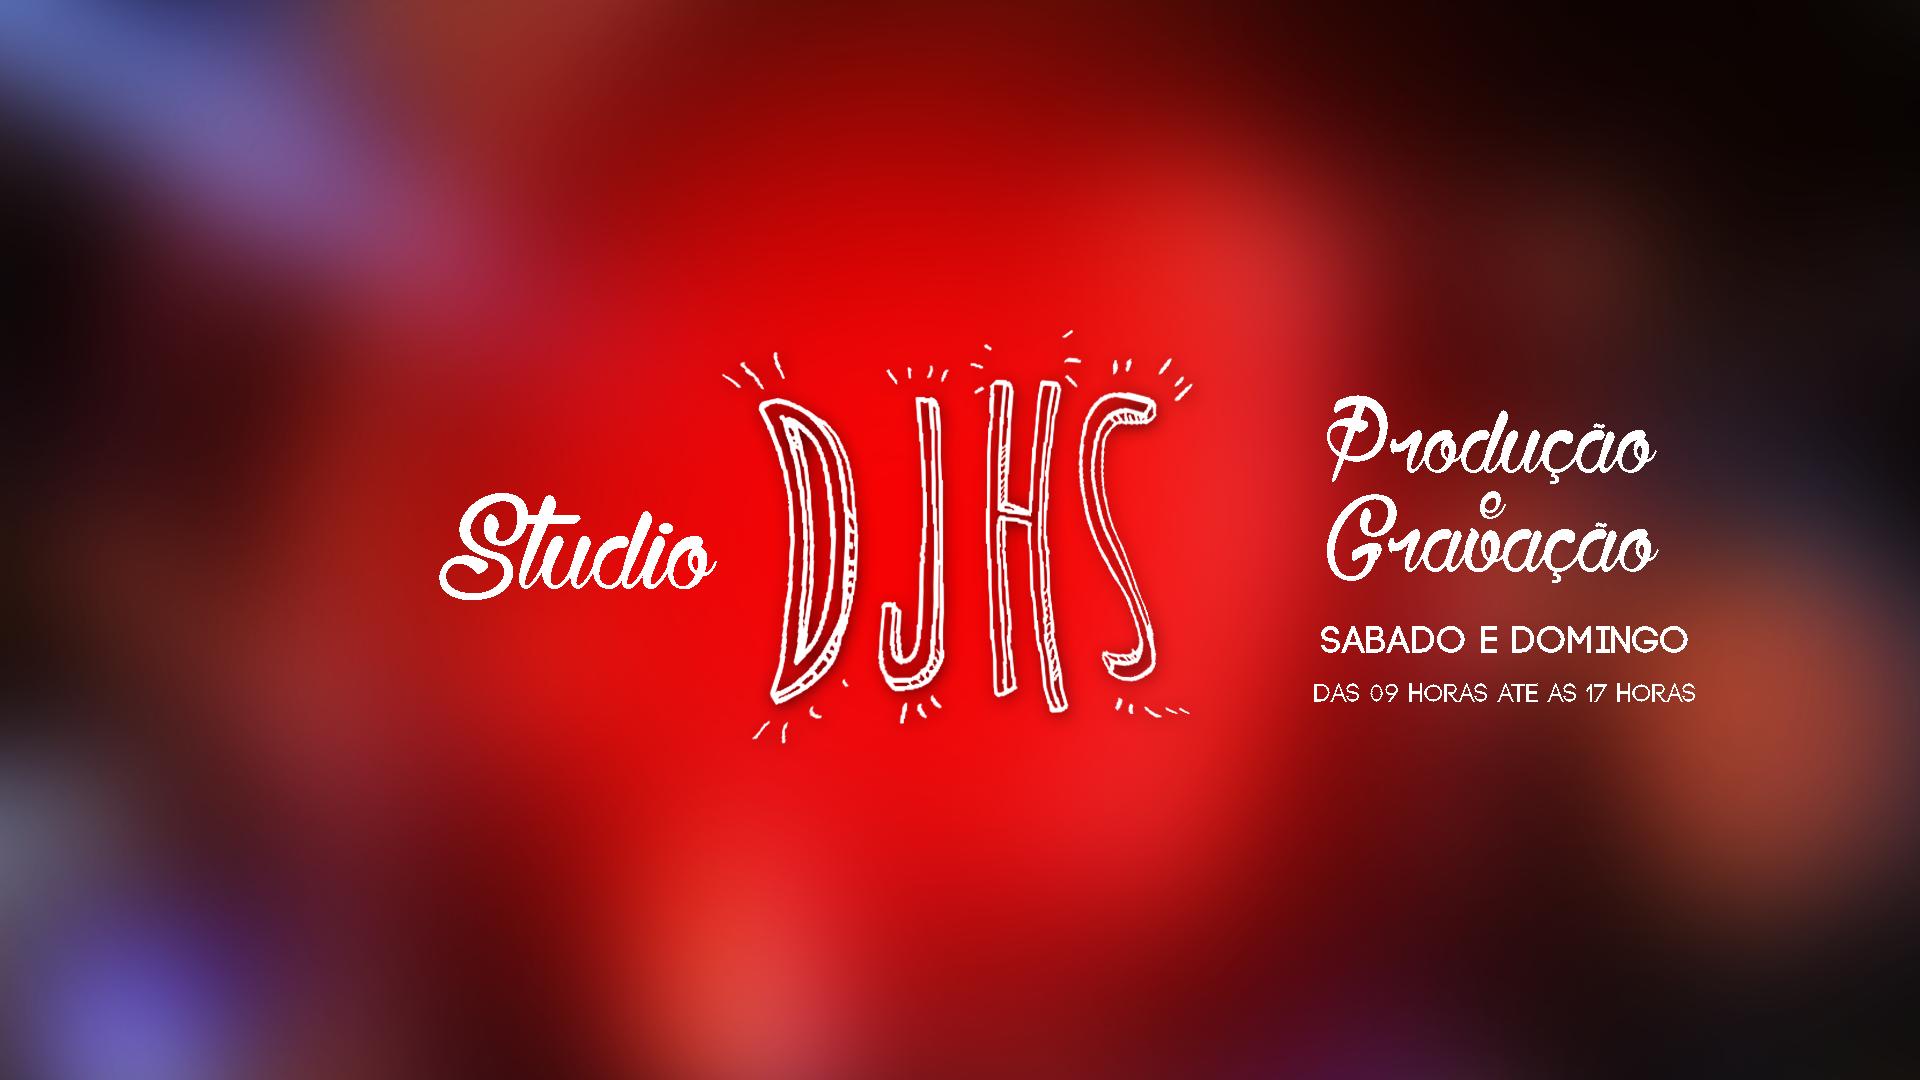 baner-do-studio